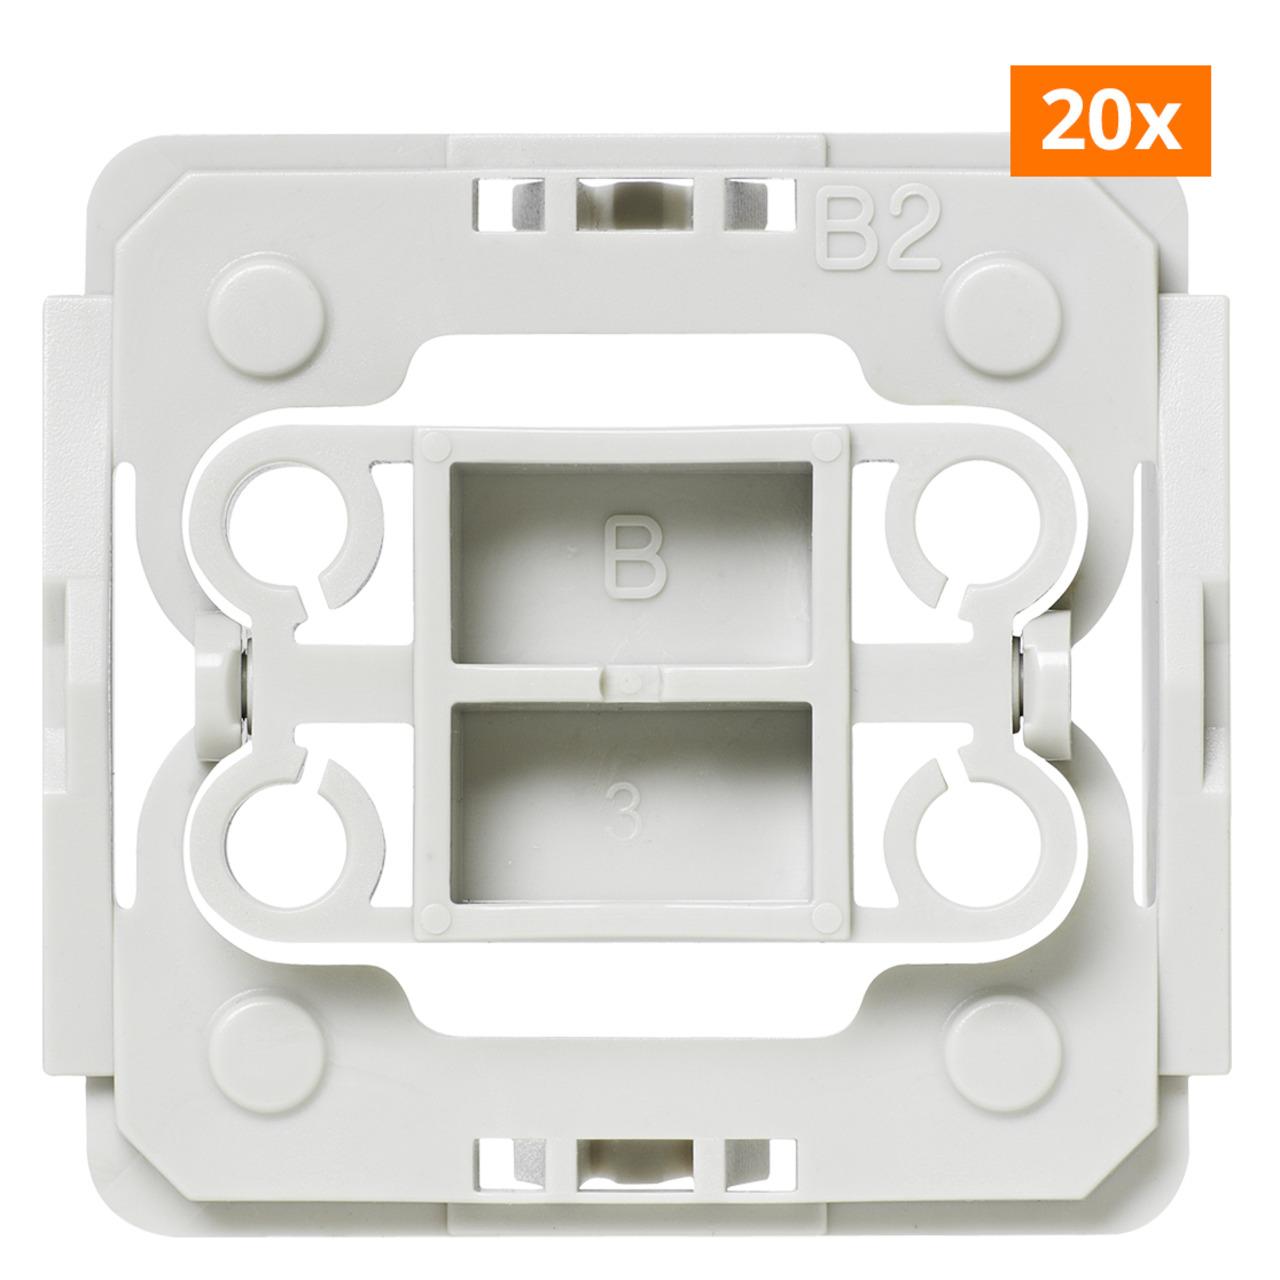 Installationsadapter für Berker-Schalter- 20er-Set für Smart Home / Hausautomation